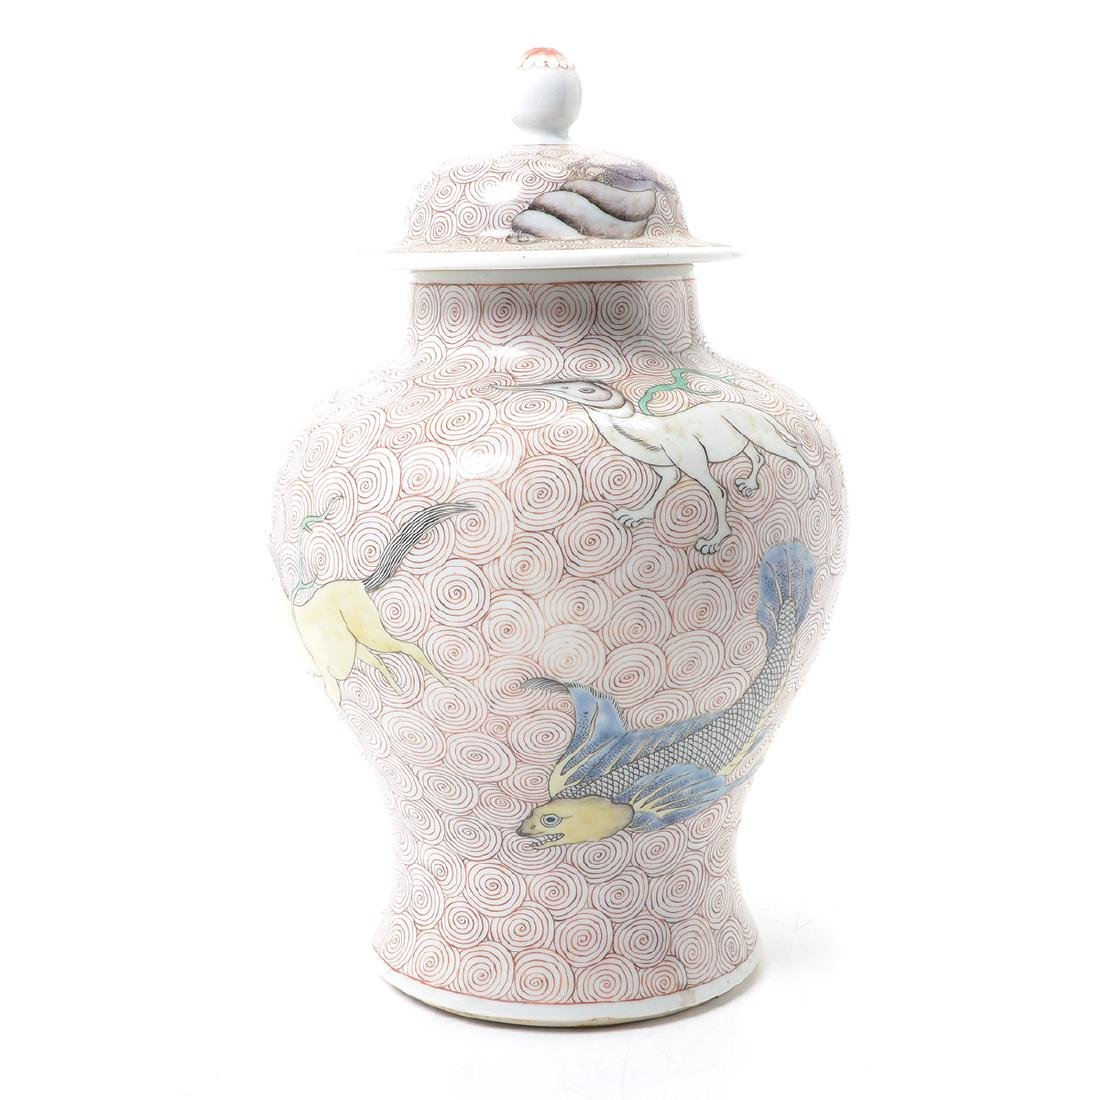 Famille Verte Covered Jar, Kangxi Period - 4